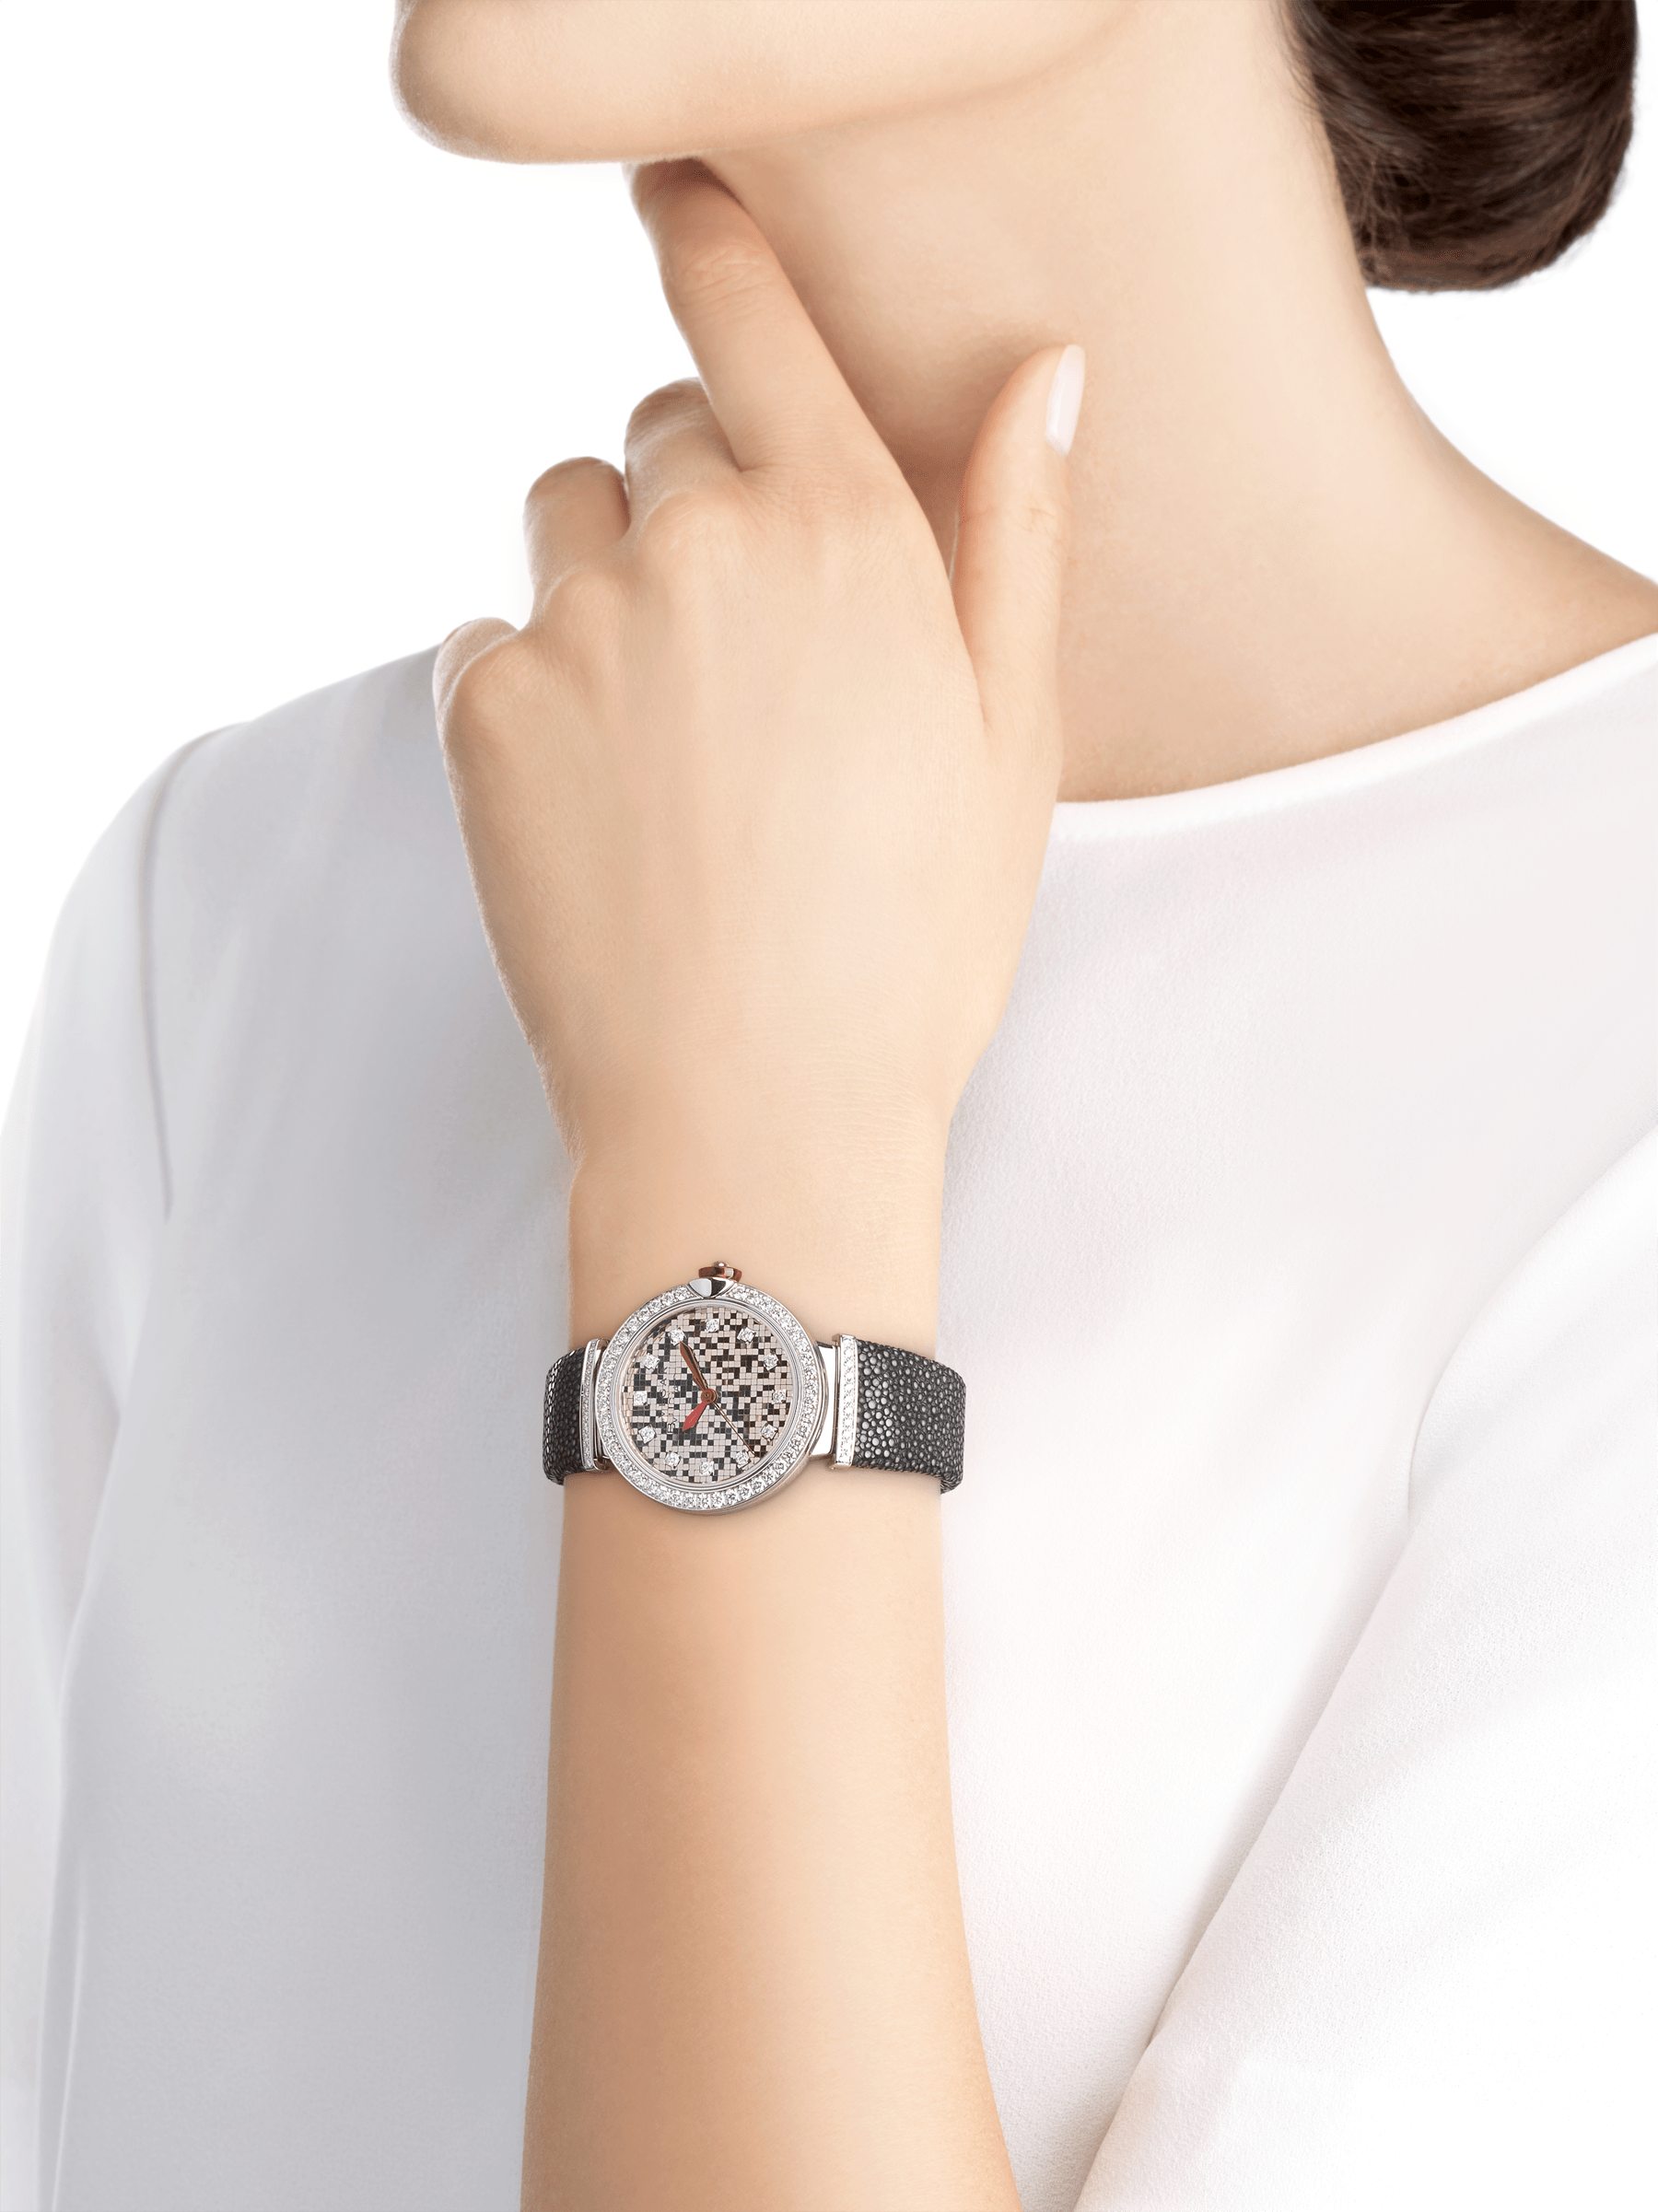 Reloj LVCEA con caja en oro blanco de 18 qt con diamantes engastados, esfera mosaico en oro blanco de 18 qt y correa de galuchat negra. 102830 image 4